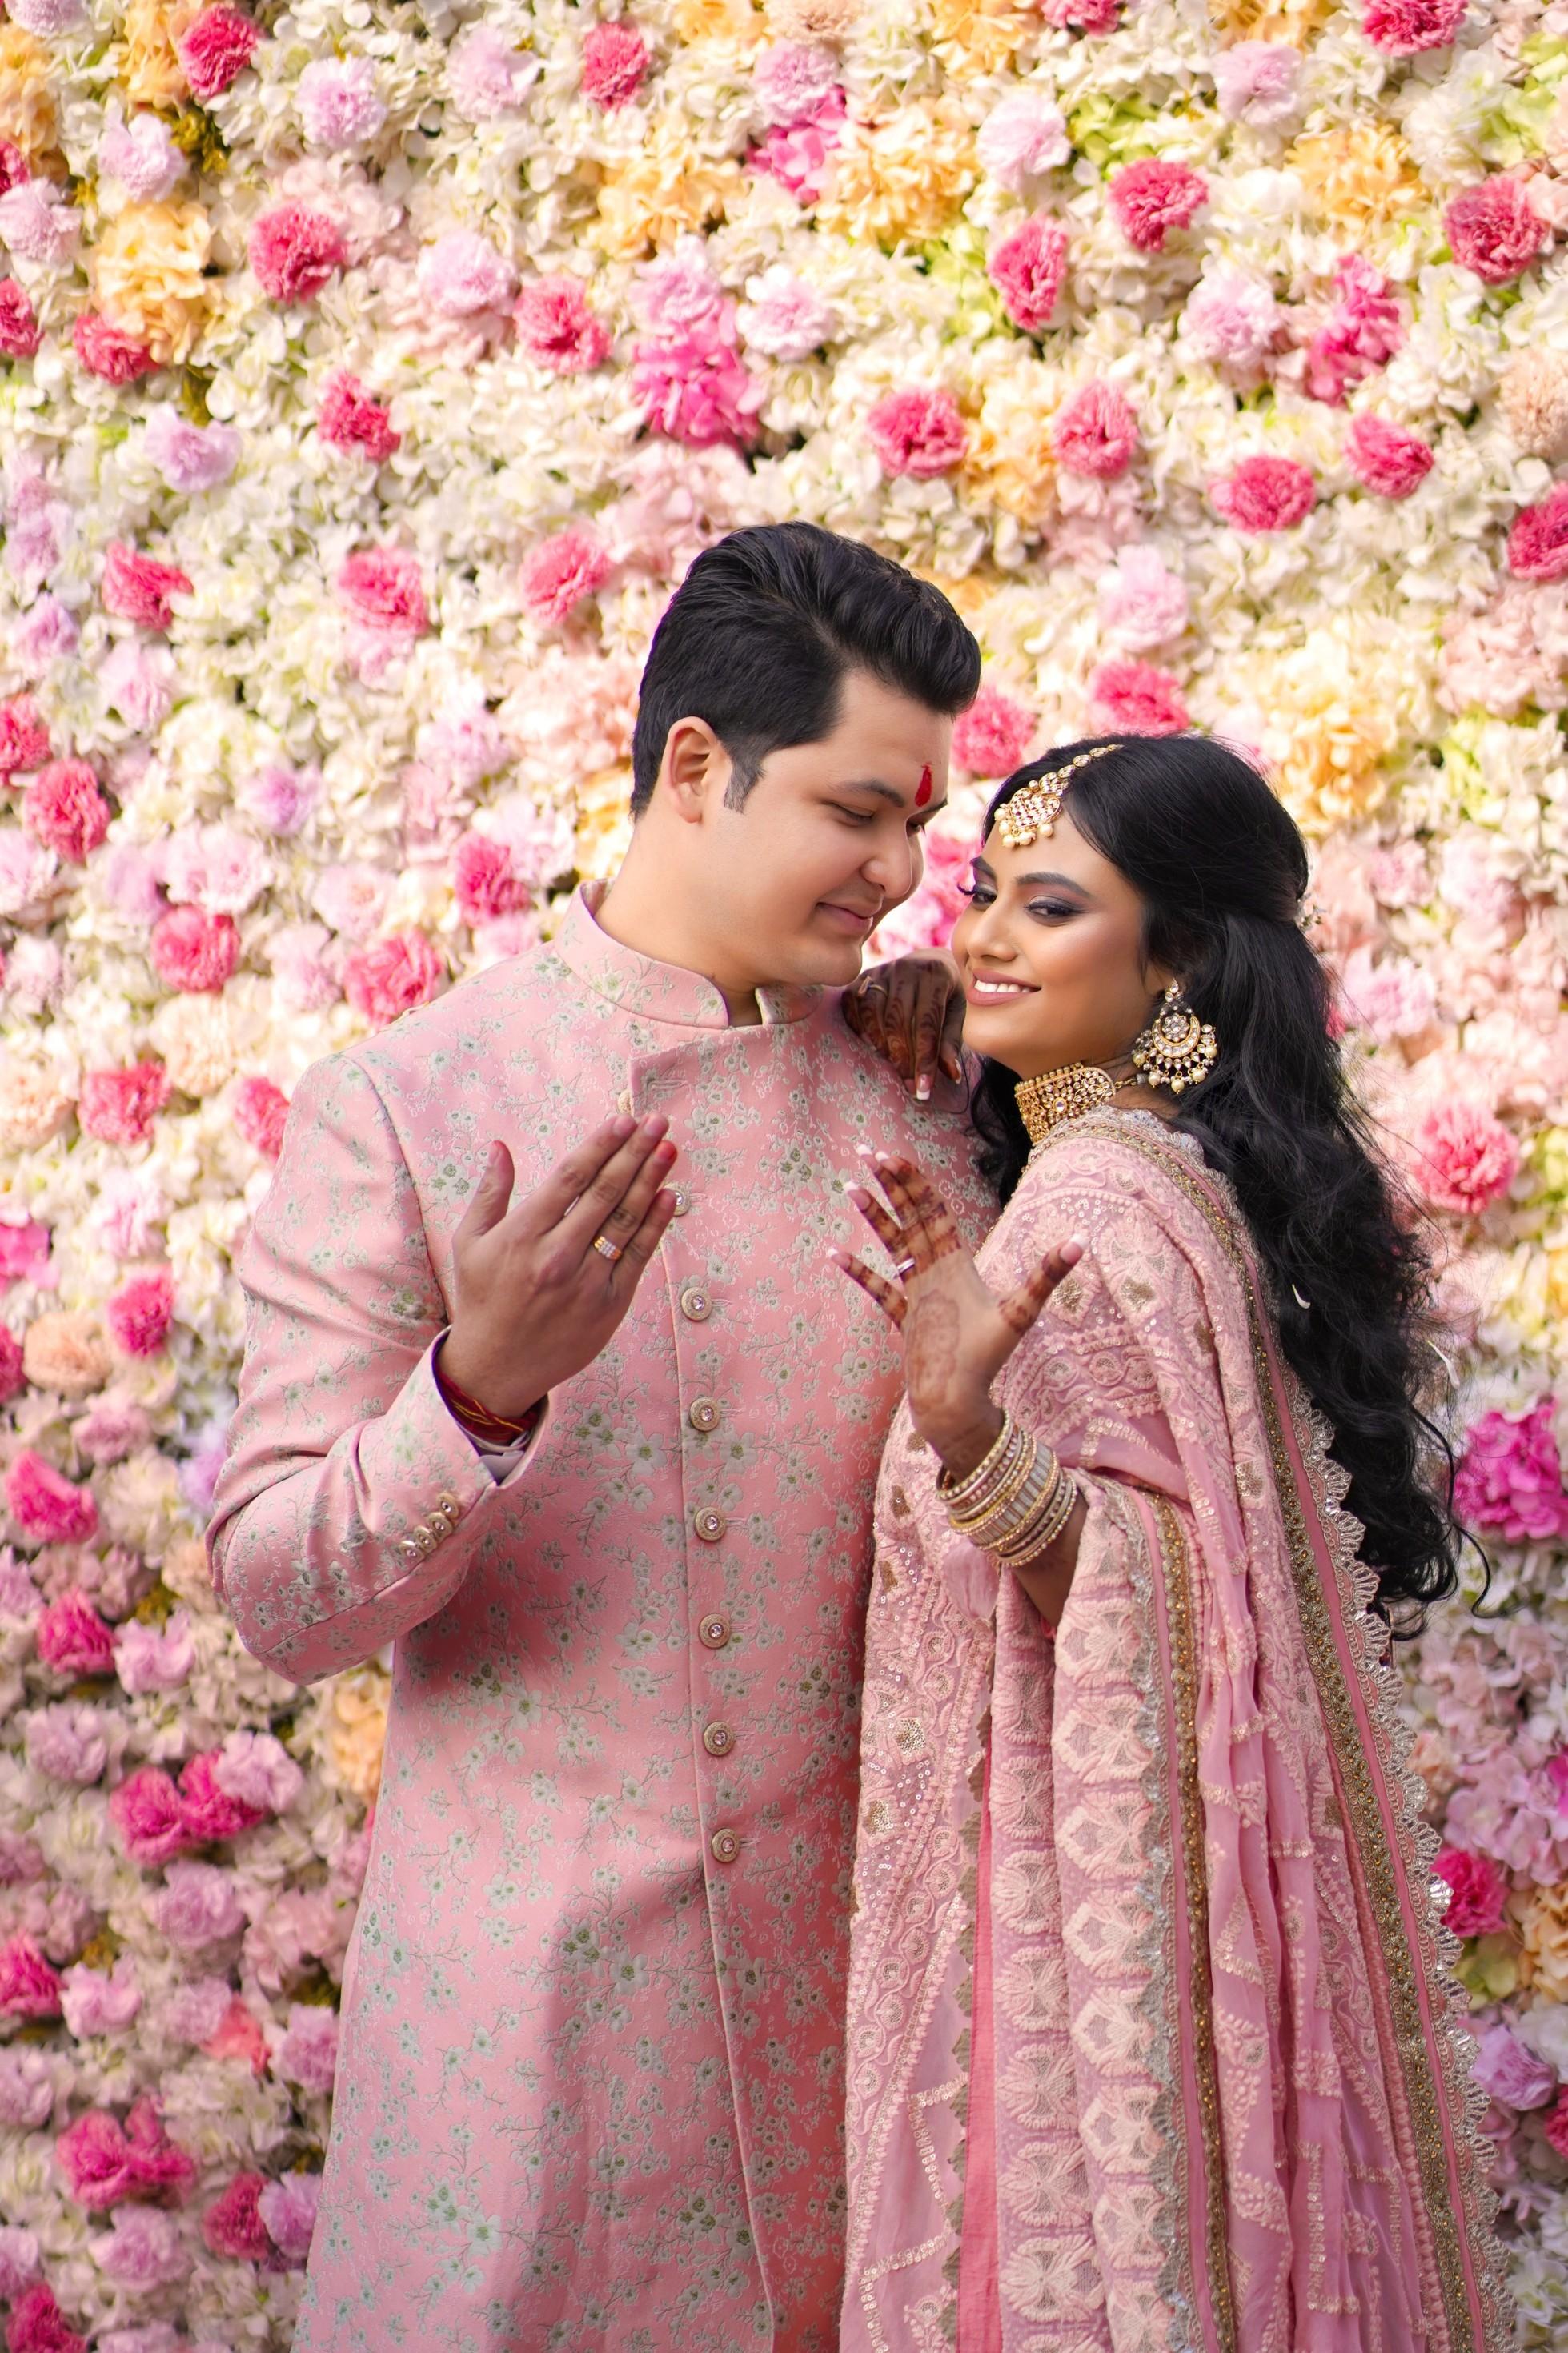 ranji and prashant engagement